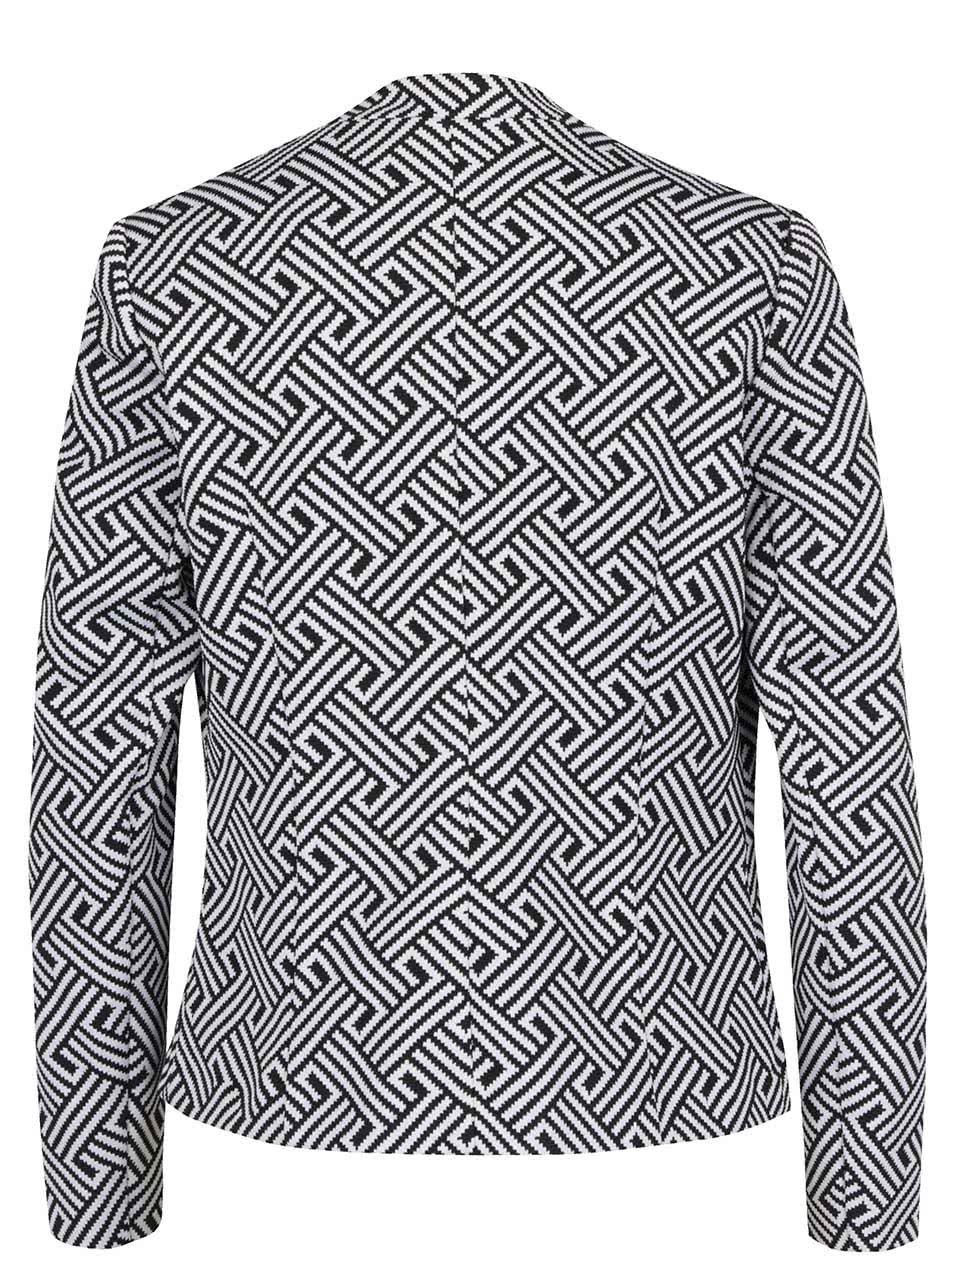 46ae931e78 Čierno-biele dámske vzorované sako M Co ...